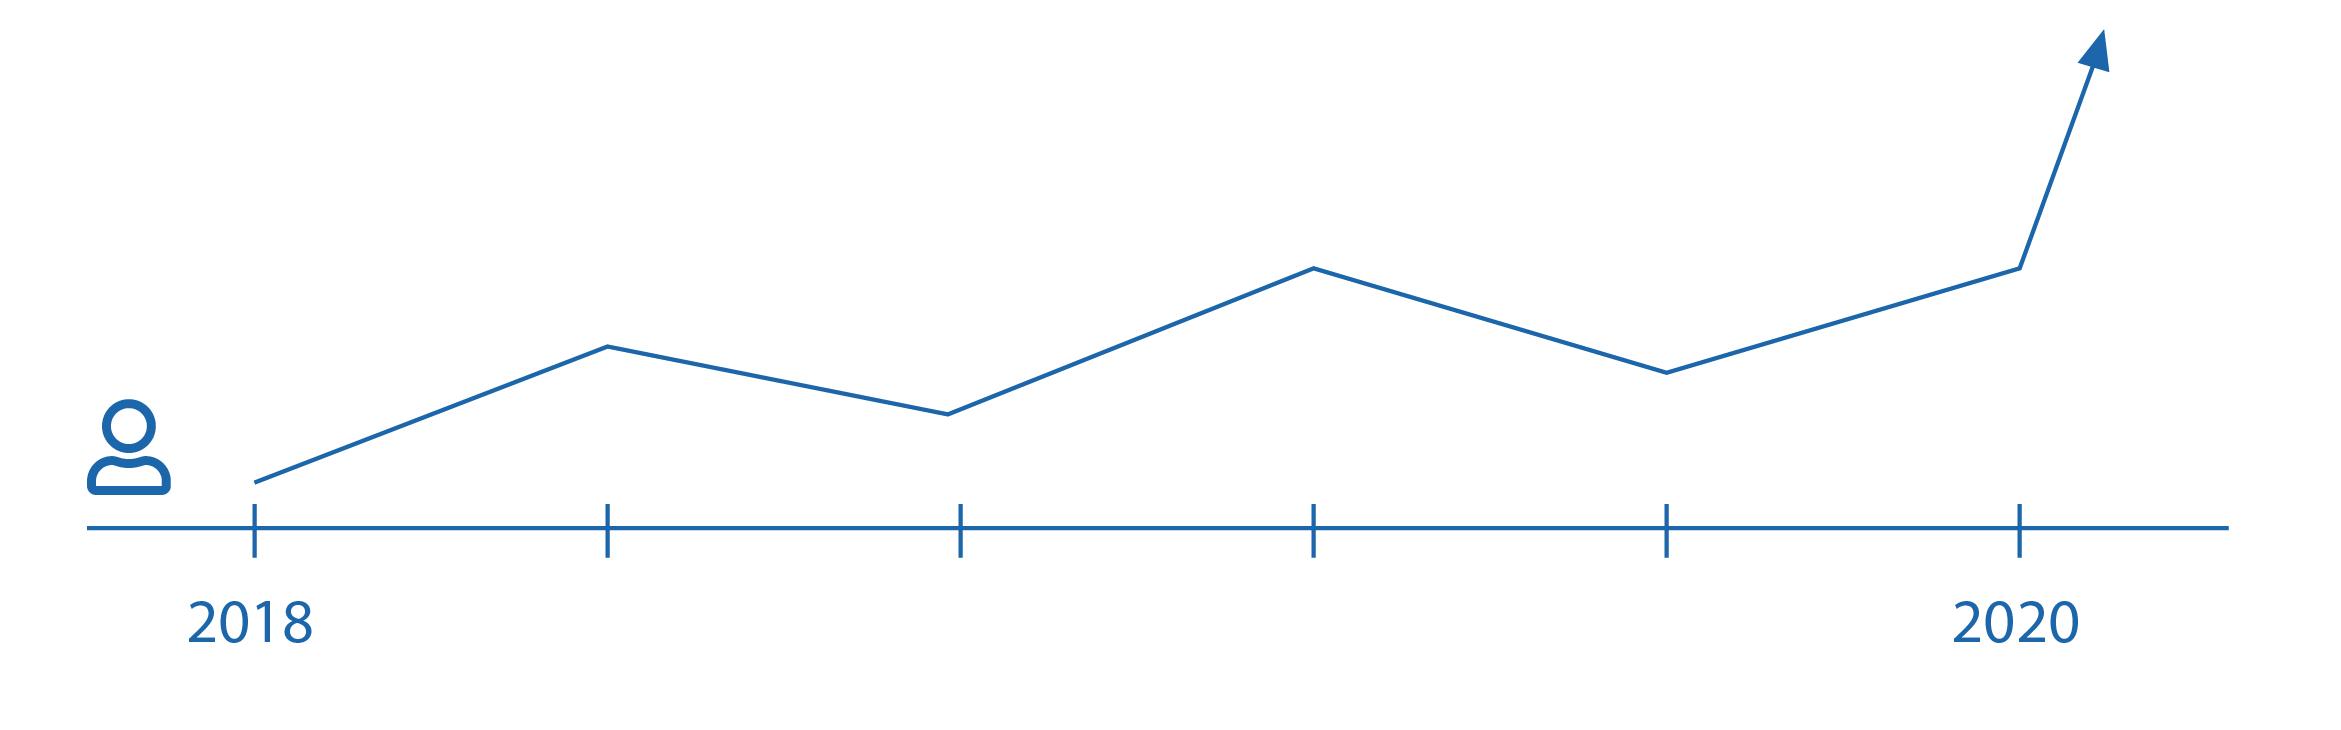 Grafik zu Mitarbeiterstatistiken